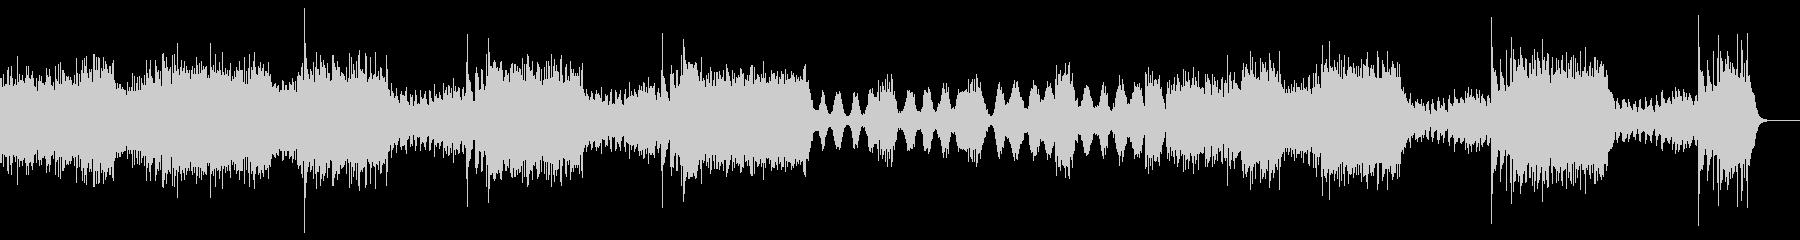 ブラームス作曲 ハンガリー舞曲の未再生の波形